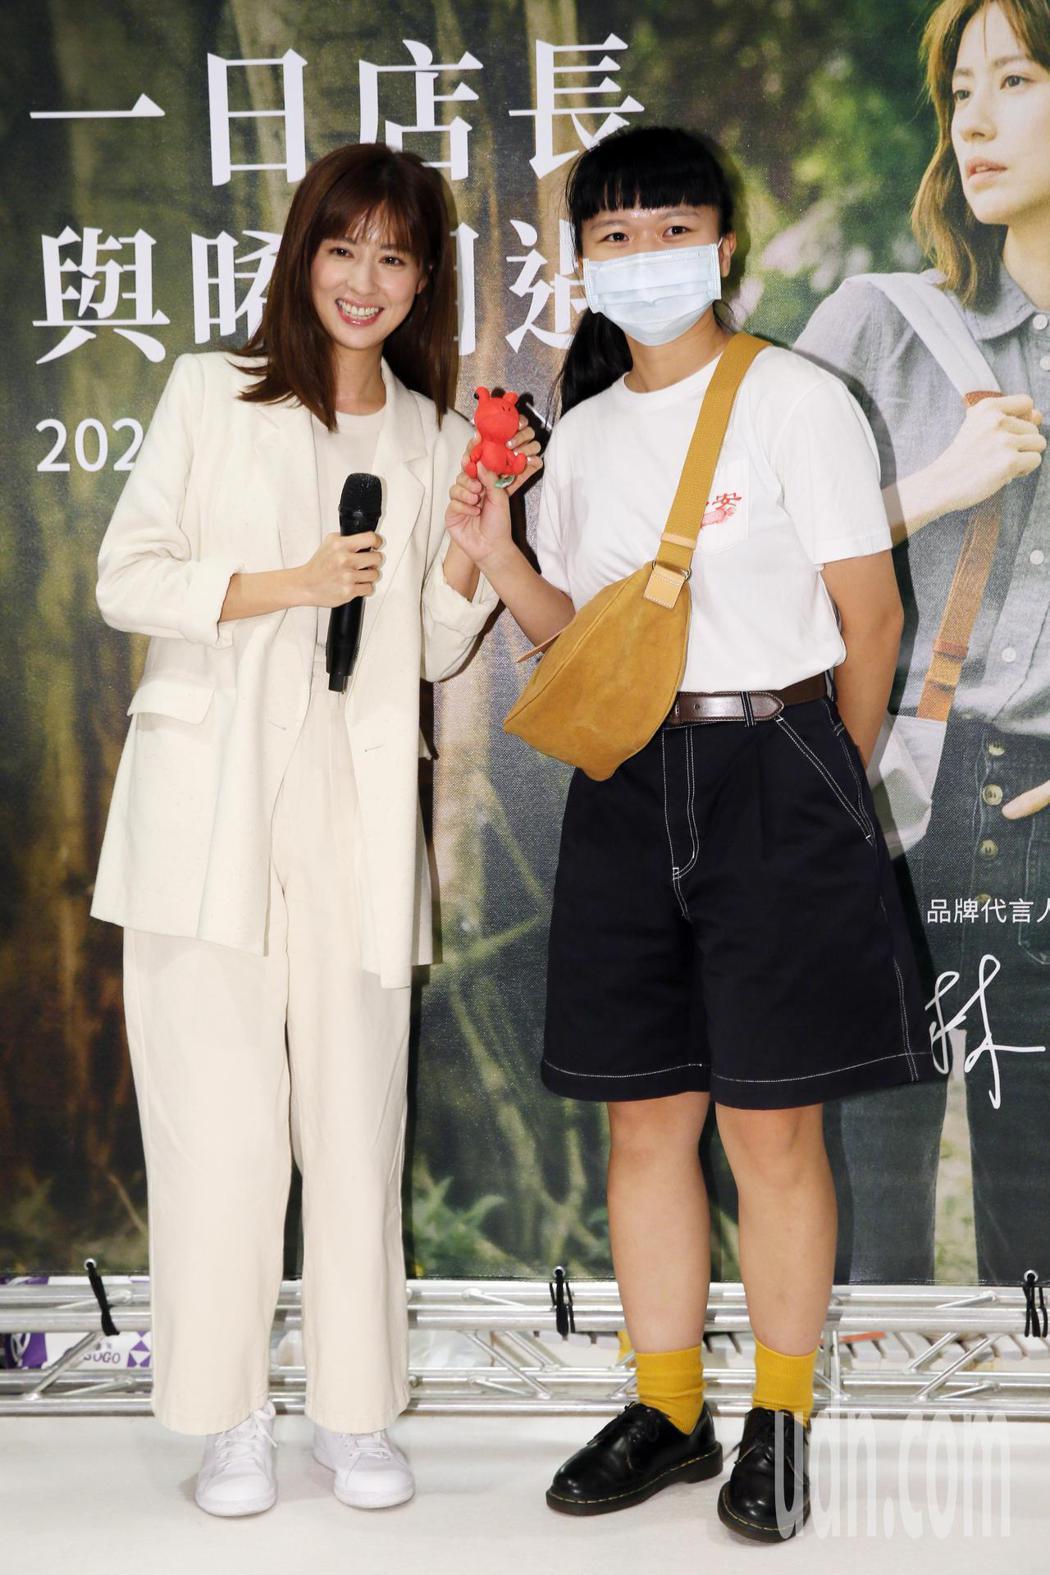 藝人林予晞(左)今天來到統一阪急百貨專櫃擔任一日店長,不少粉絲為了她來到現場參與...